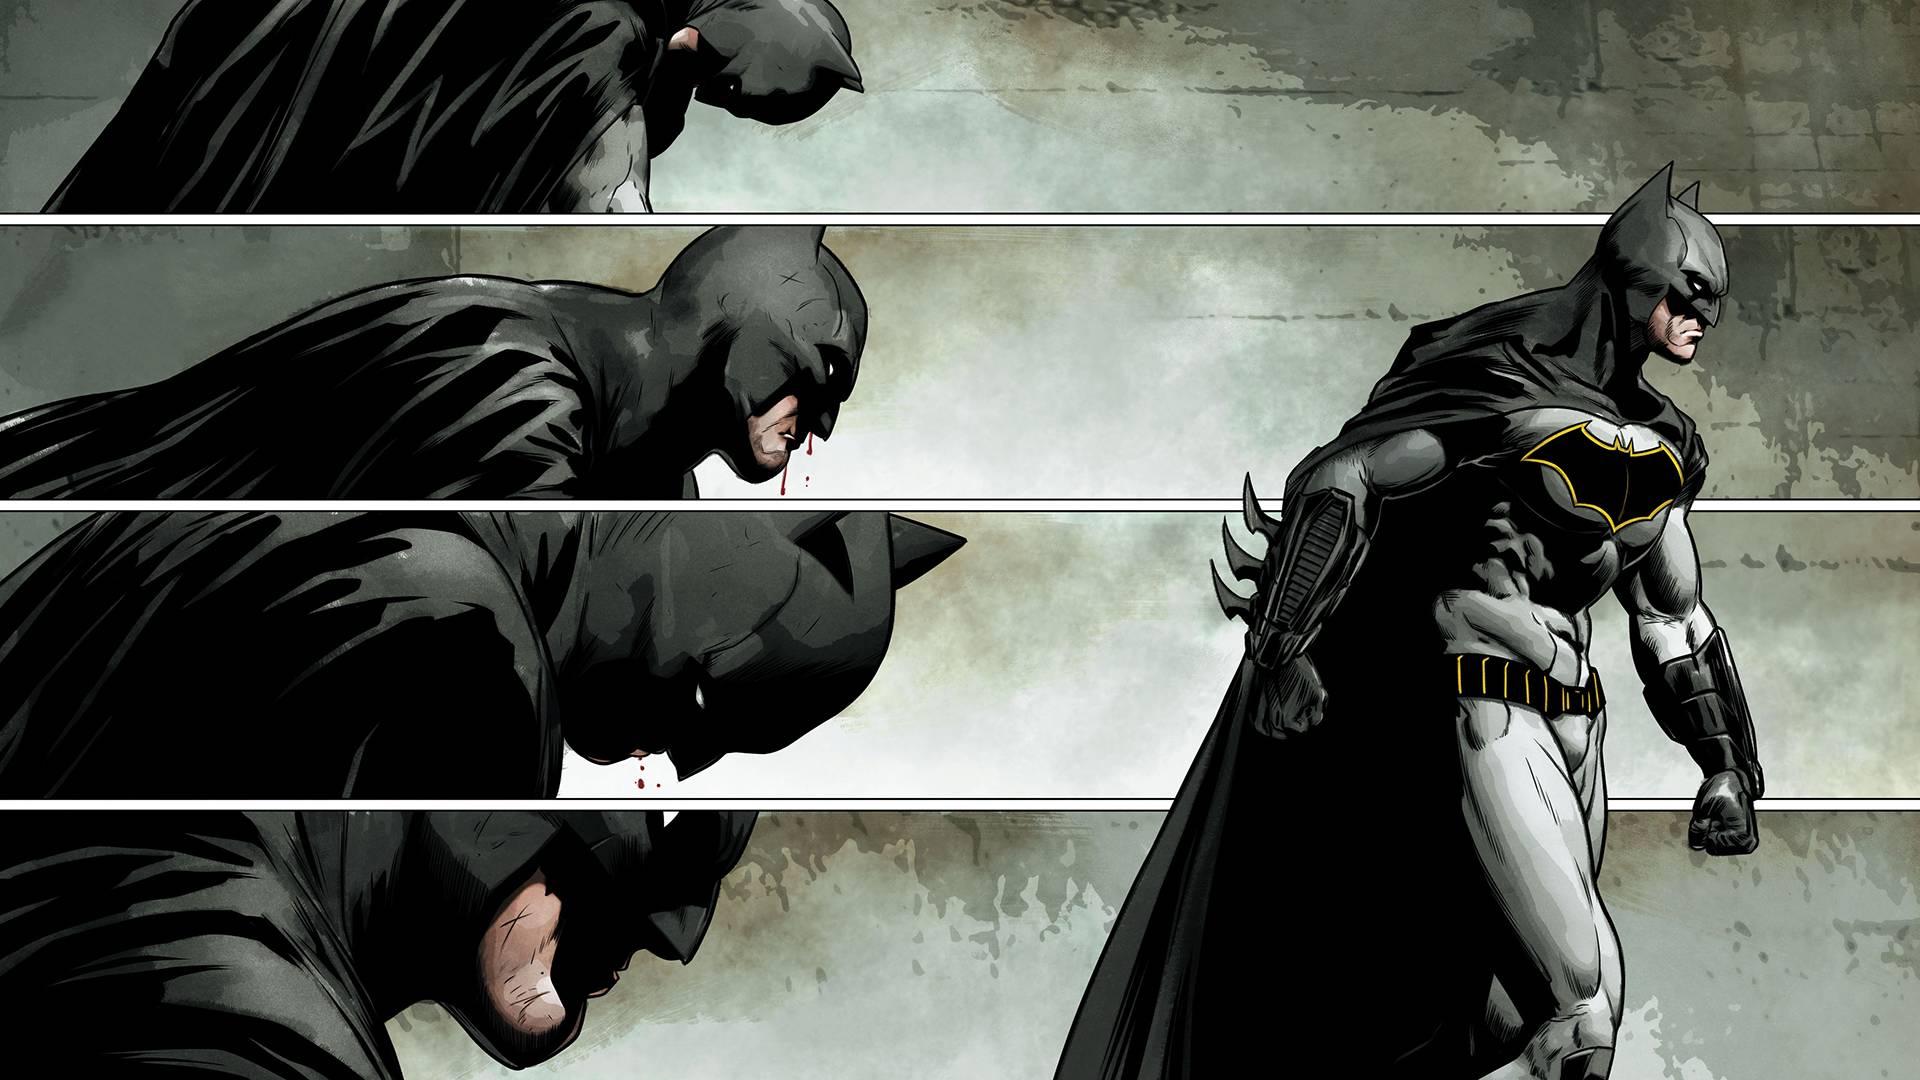 Batman Wallpaper 126 1920x1080